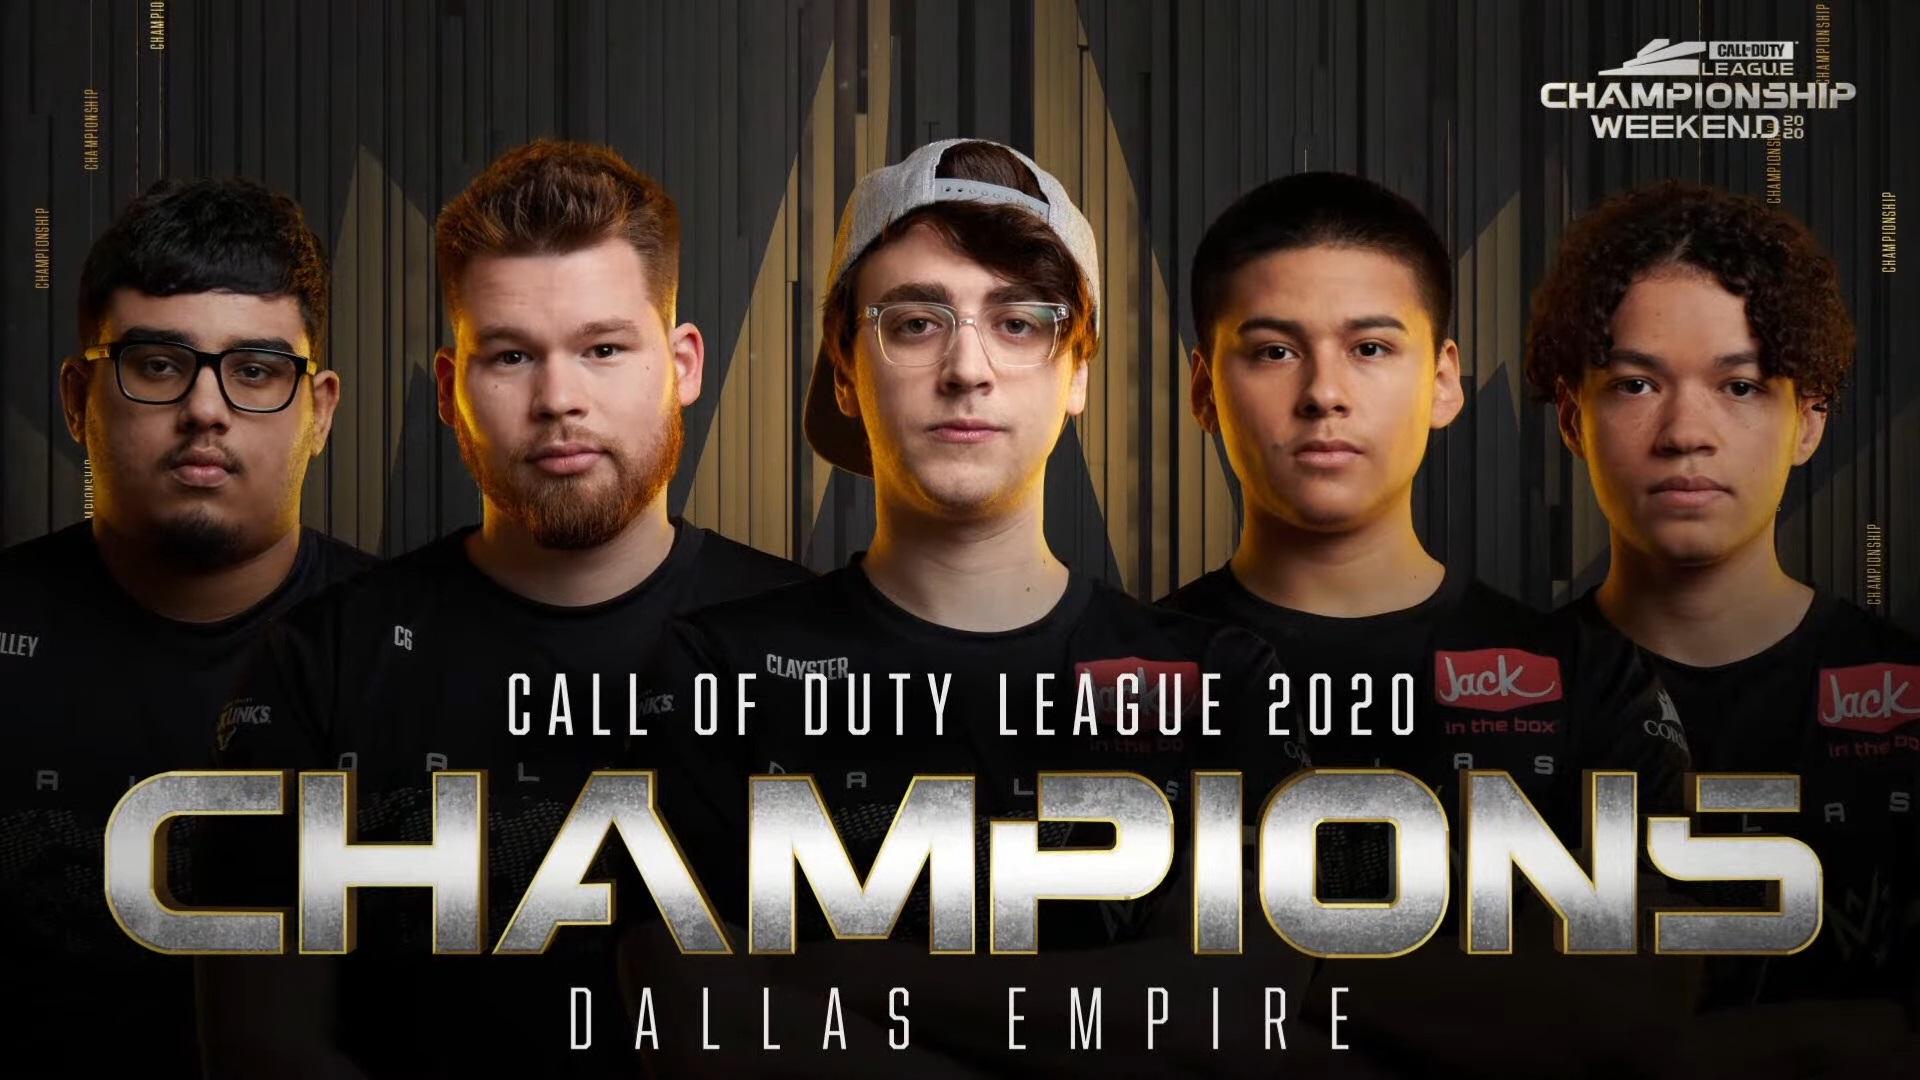 Dallas Empire winning Champs